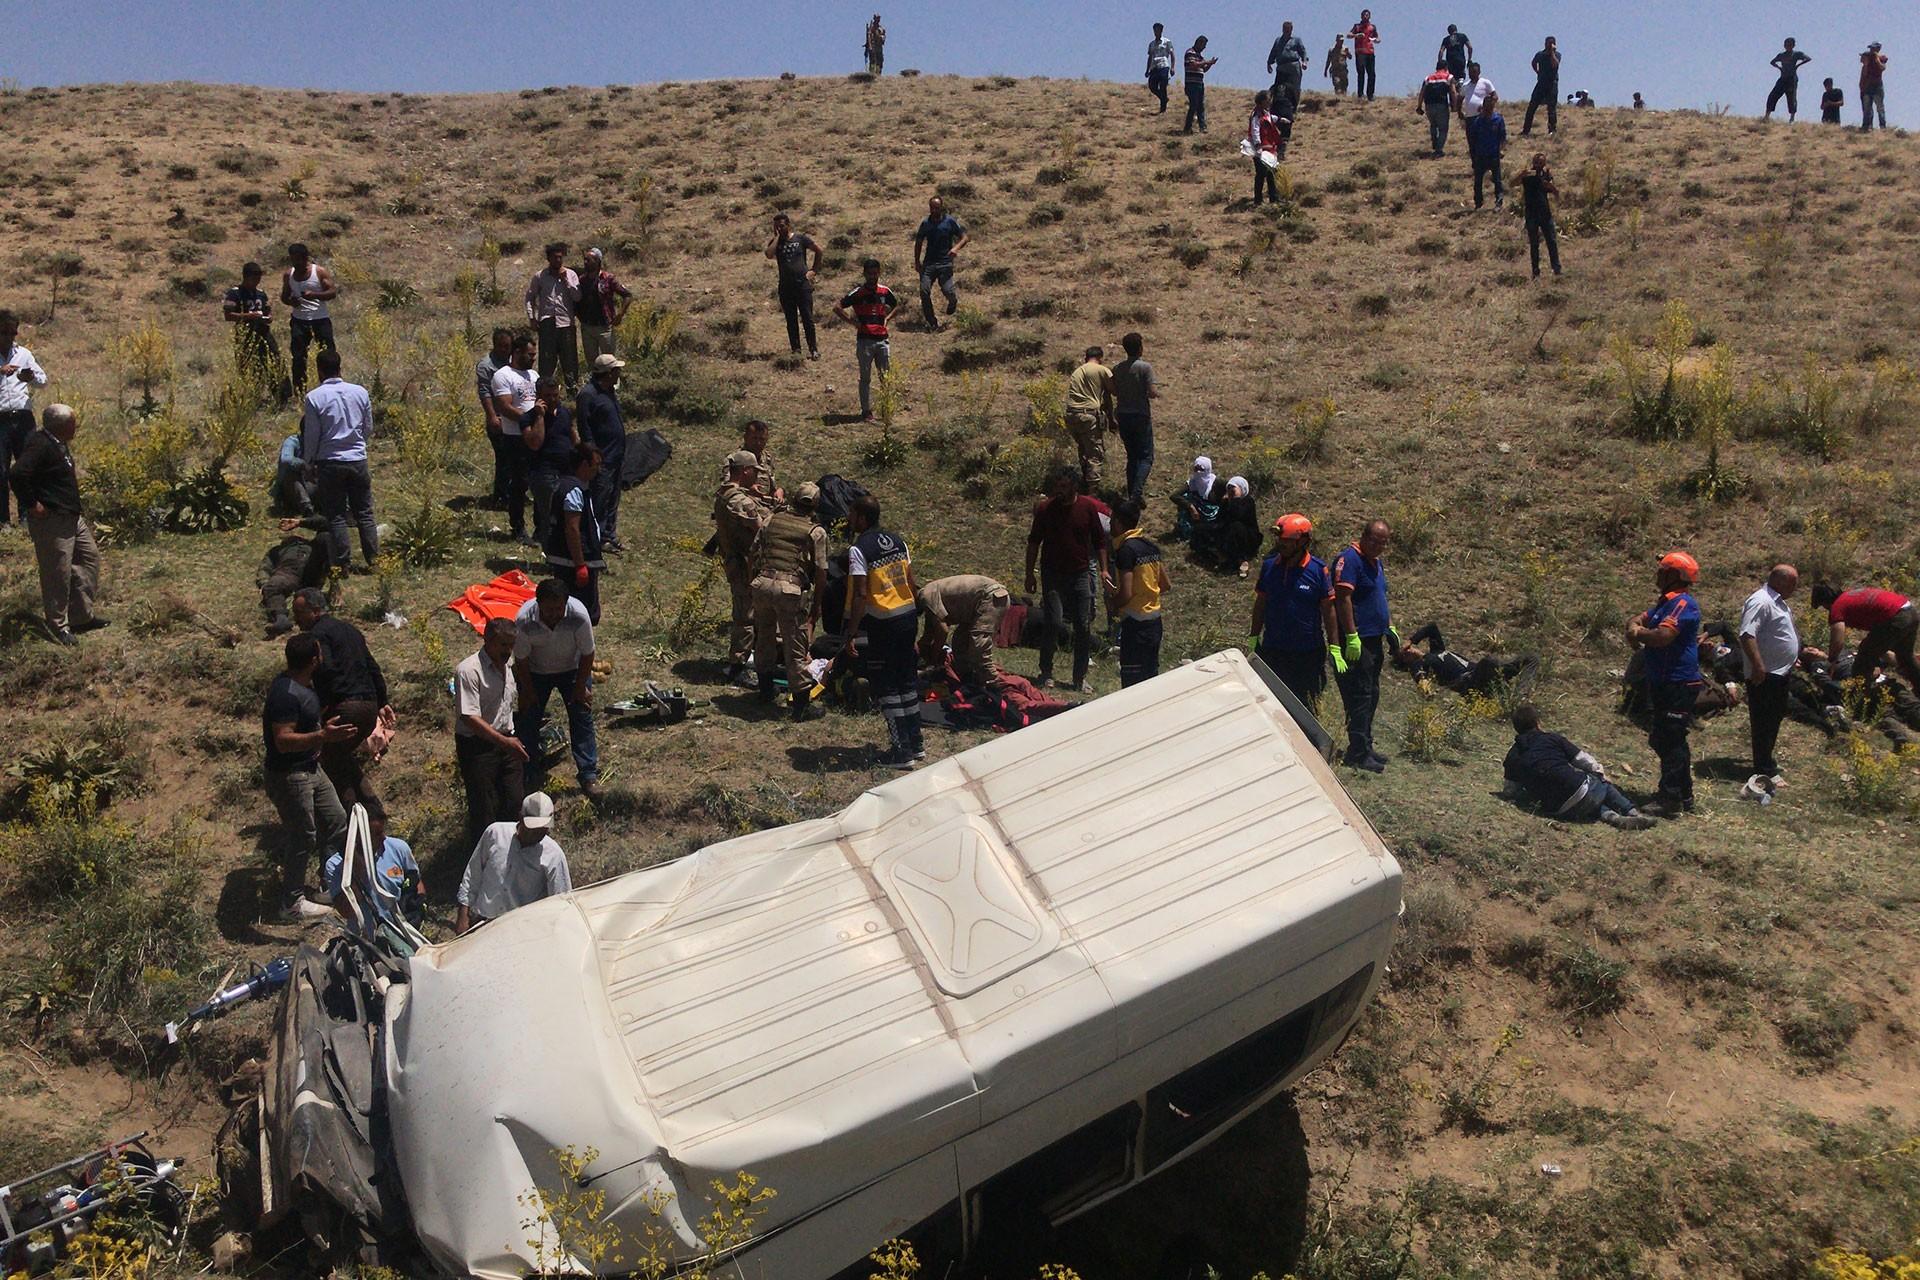 Van'da mültecileri taşıyan minibüs devrildi: 17 kişi öldü, 50 kişi yaralandı